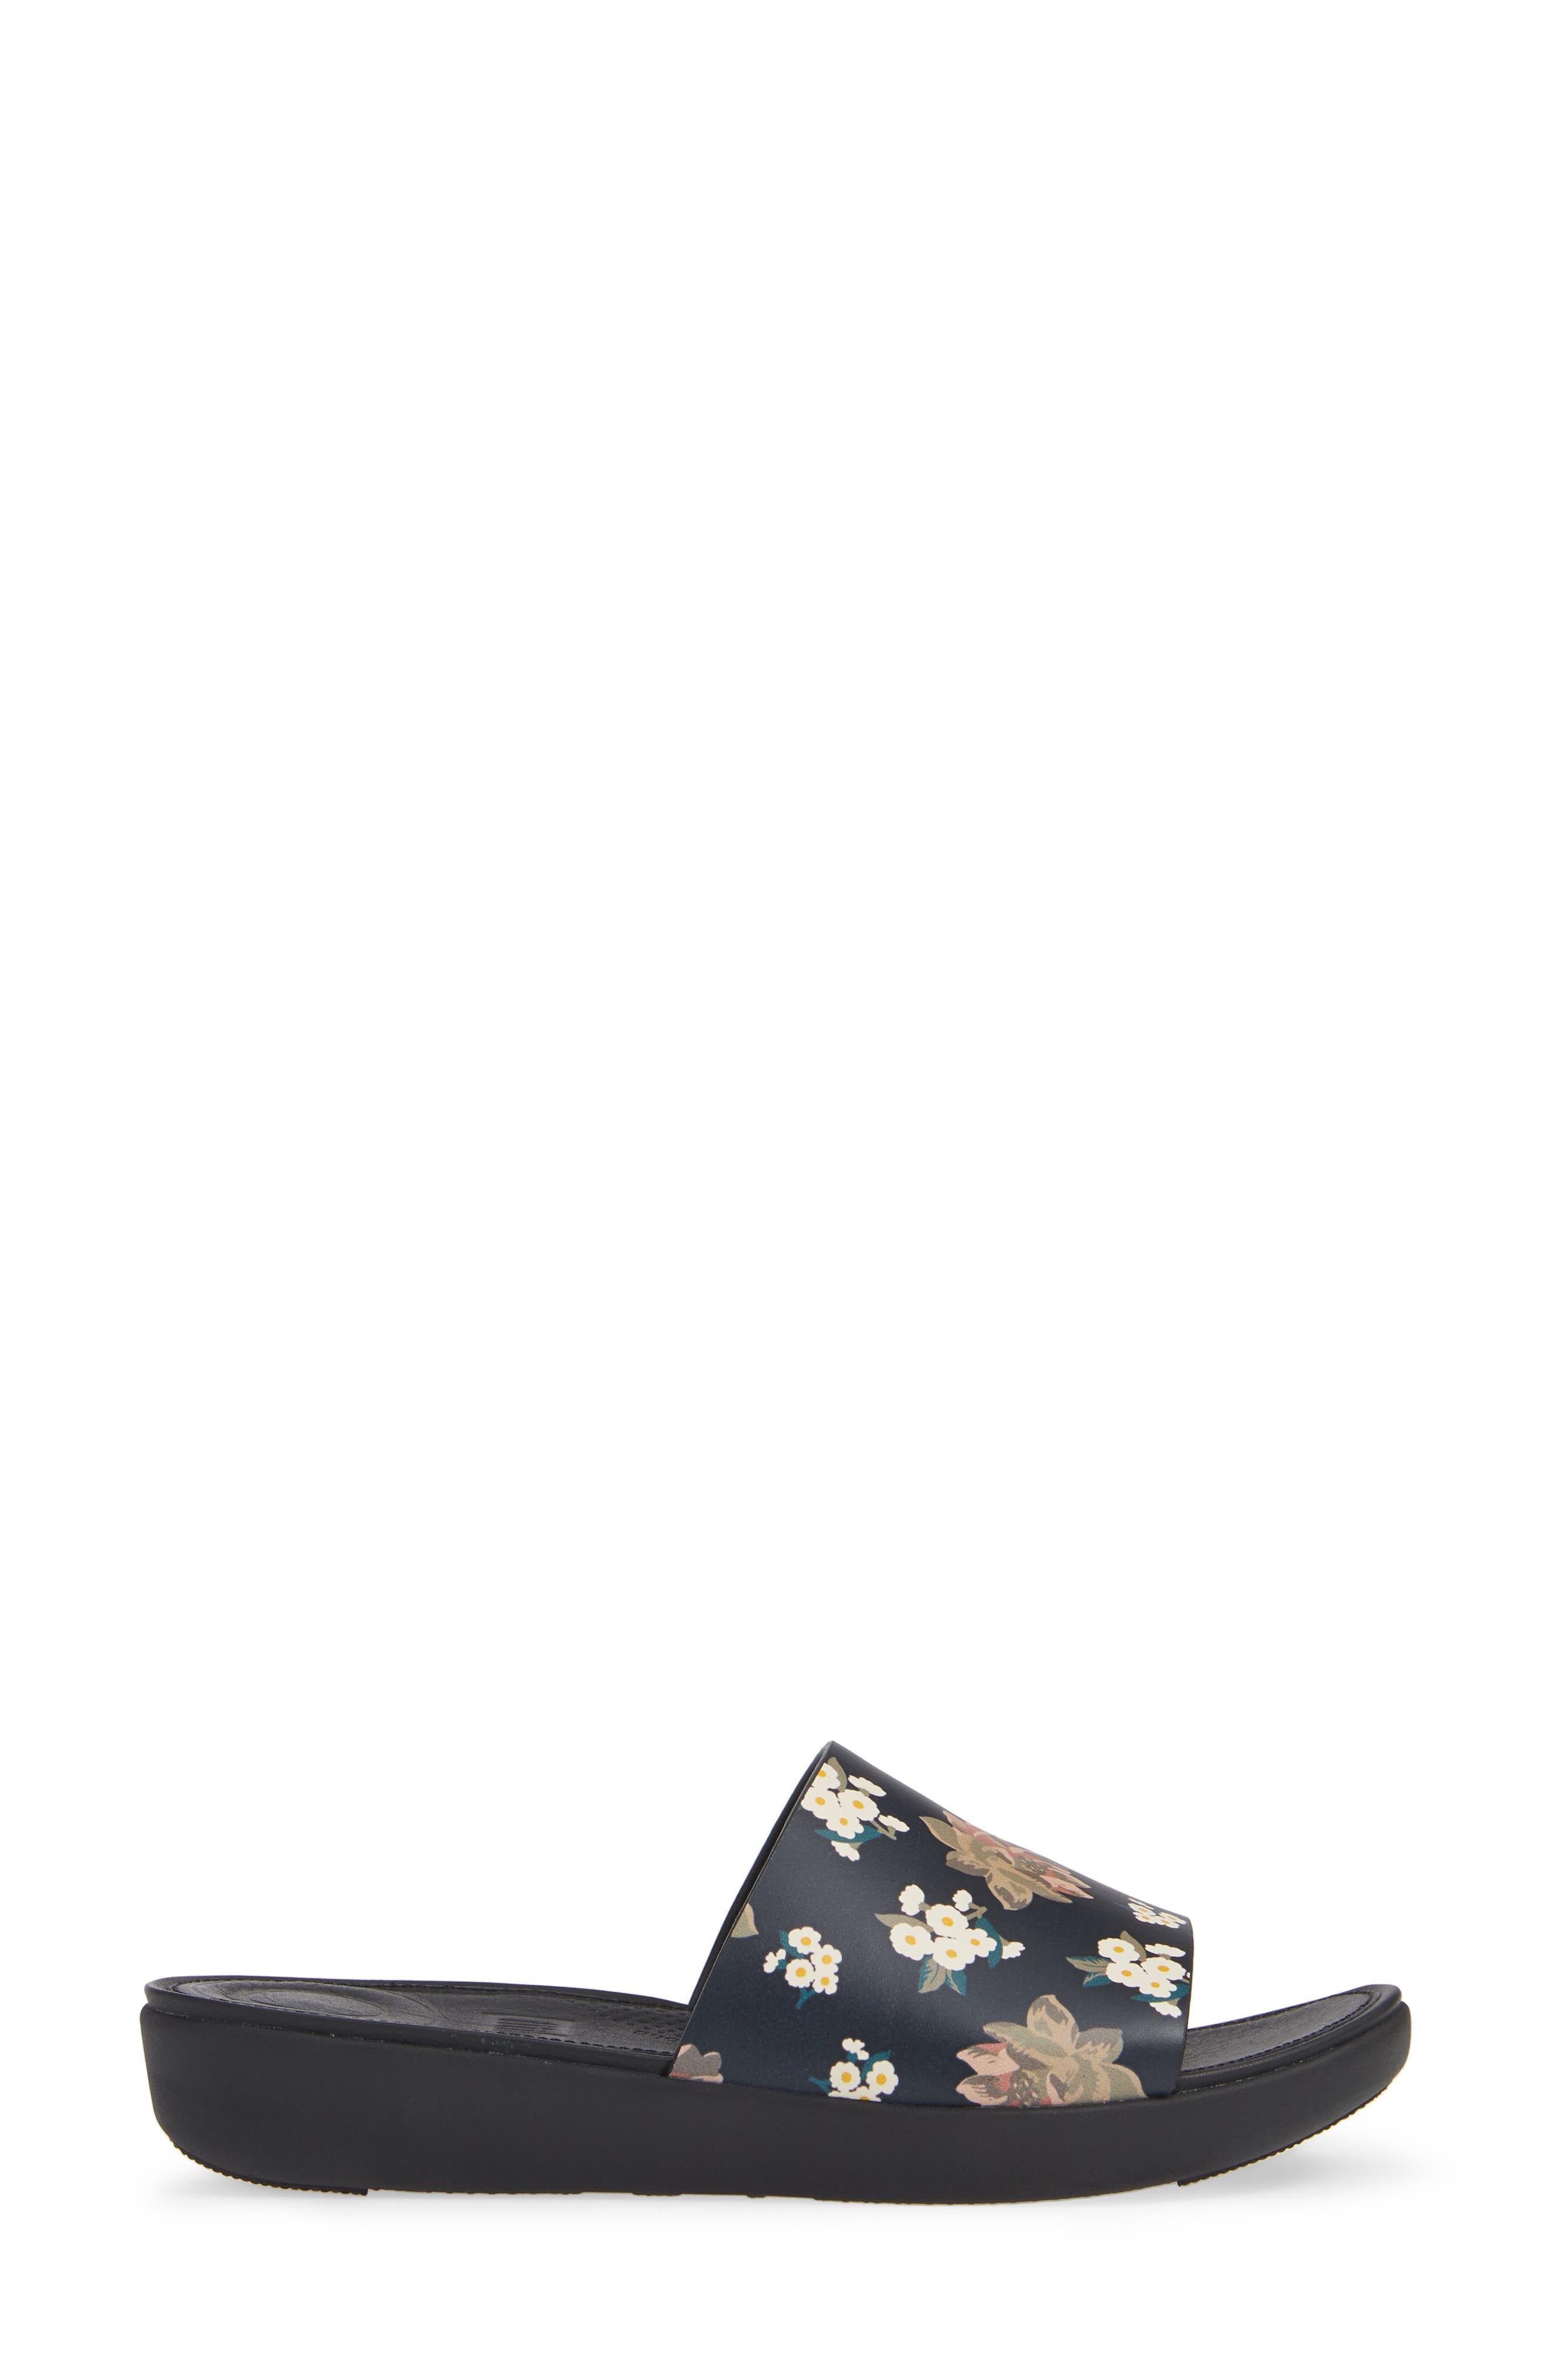 FITFLOP,                             Sola Floral Slide Sandal,                             Alternate thumbnail 3, color,                             001